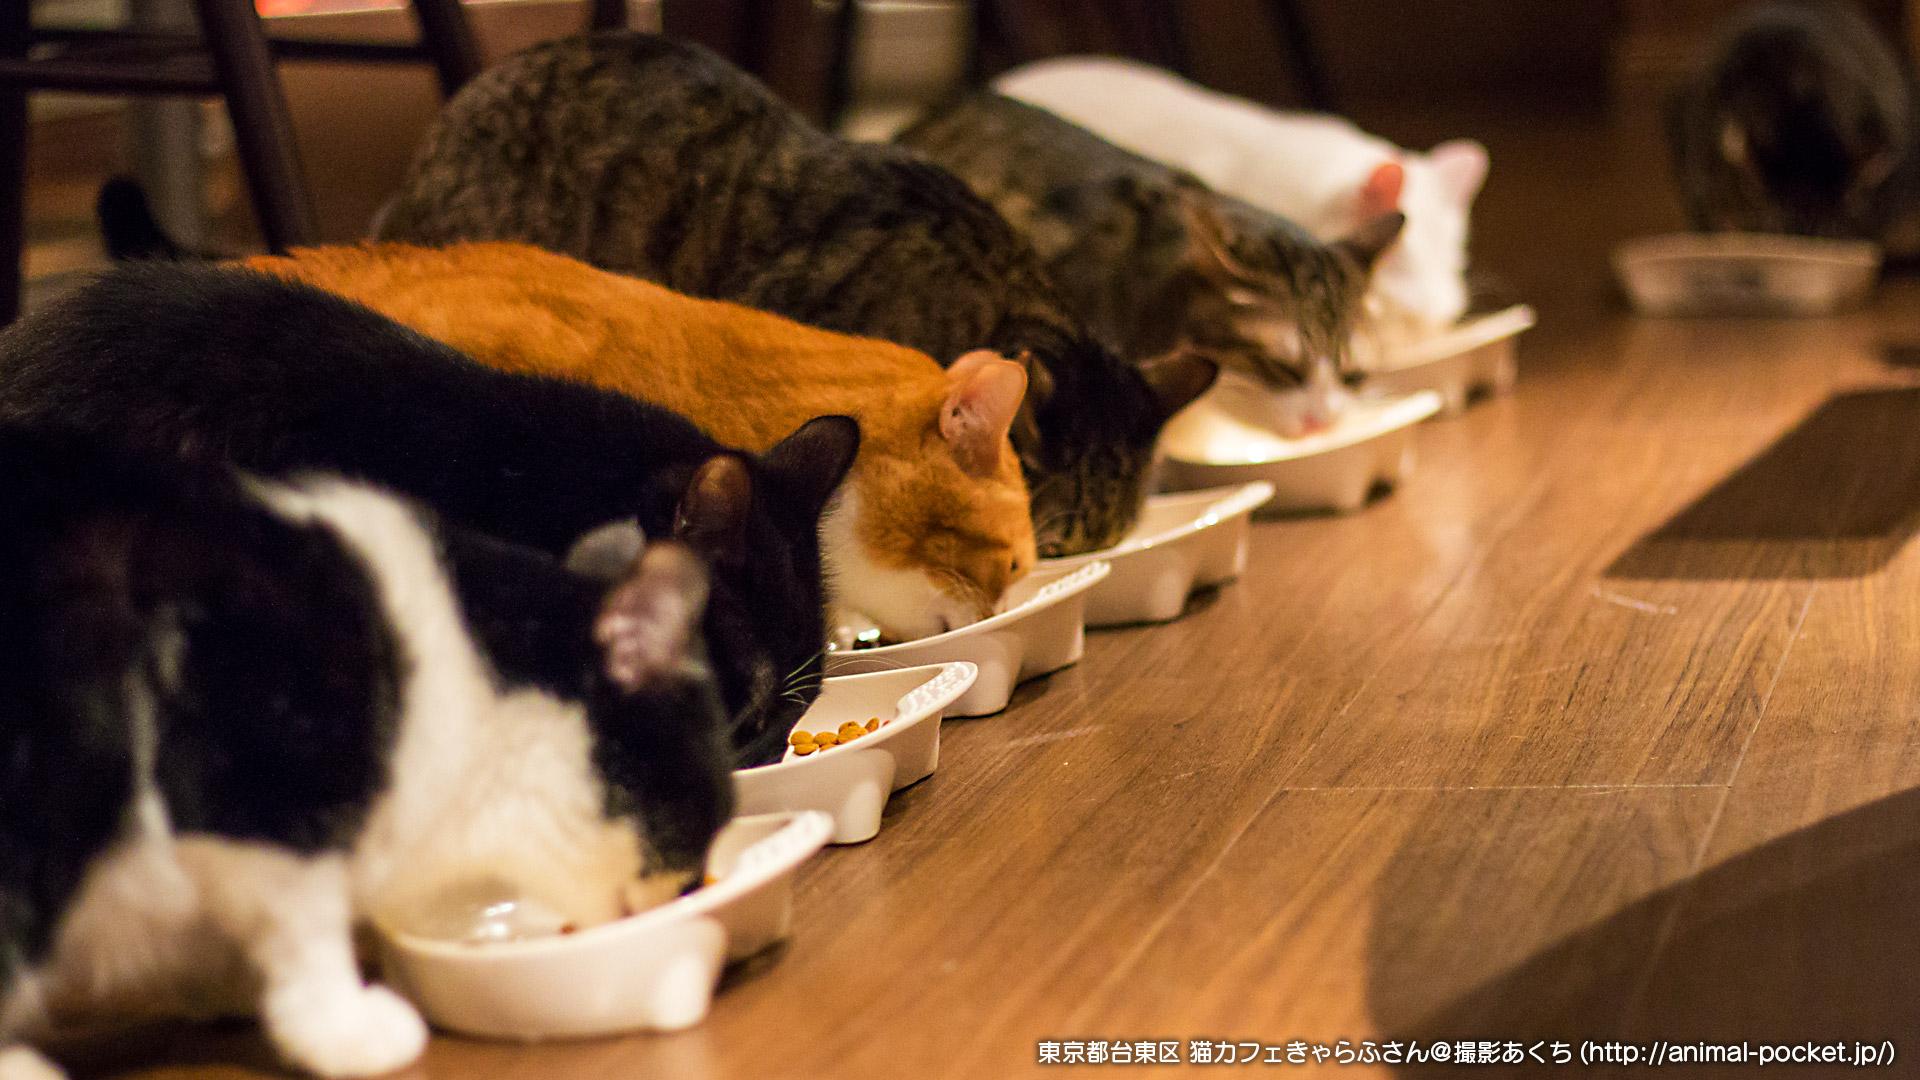 猫カフェ日記「猫カフェきゃらふ」